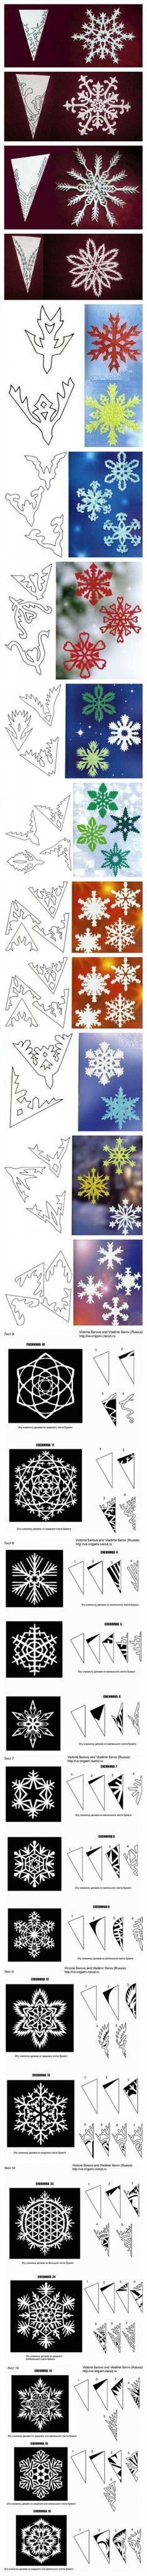 Heel veel verschillende sneeuwvlokken van papier.